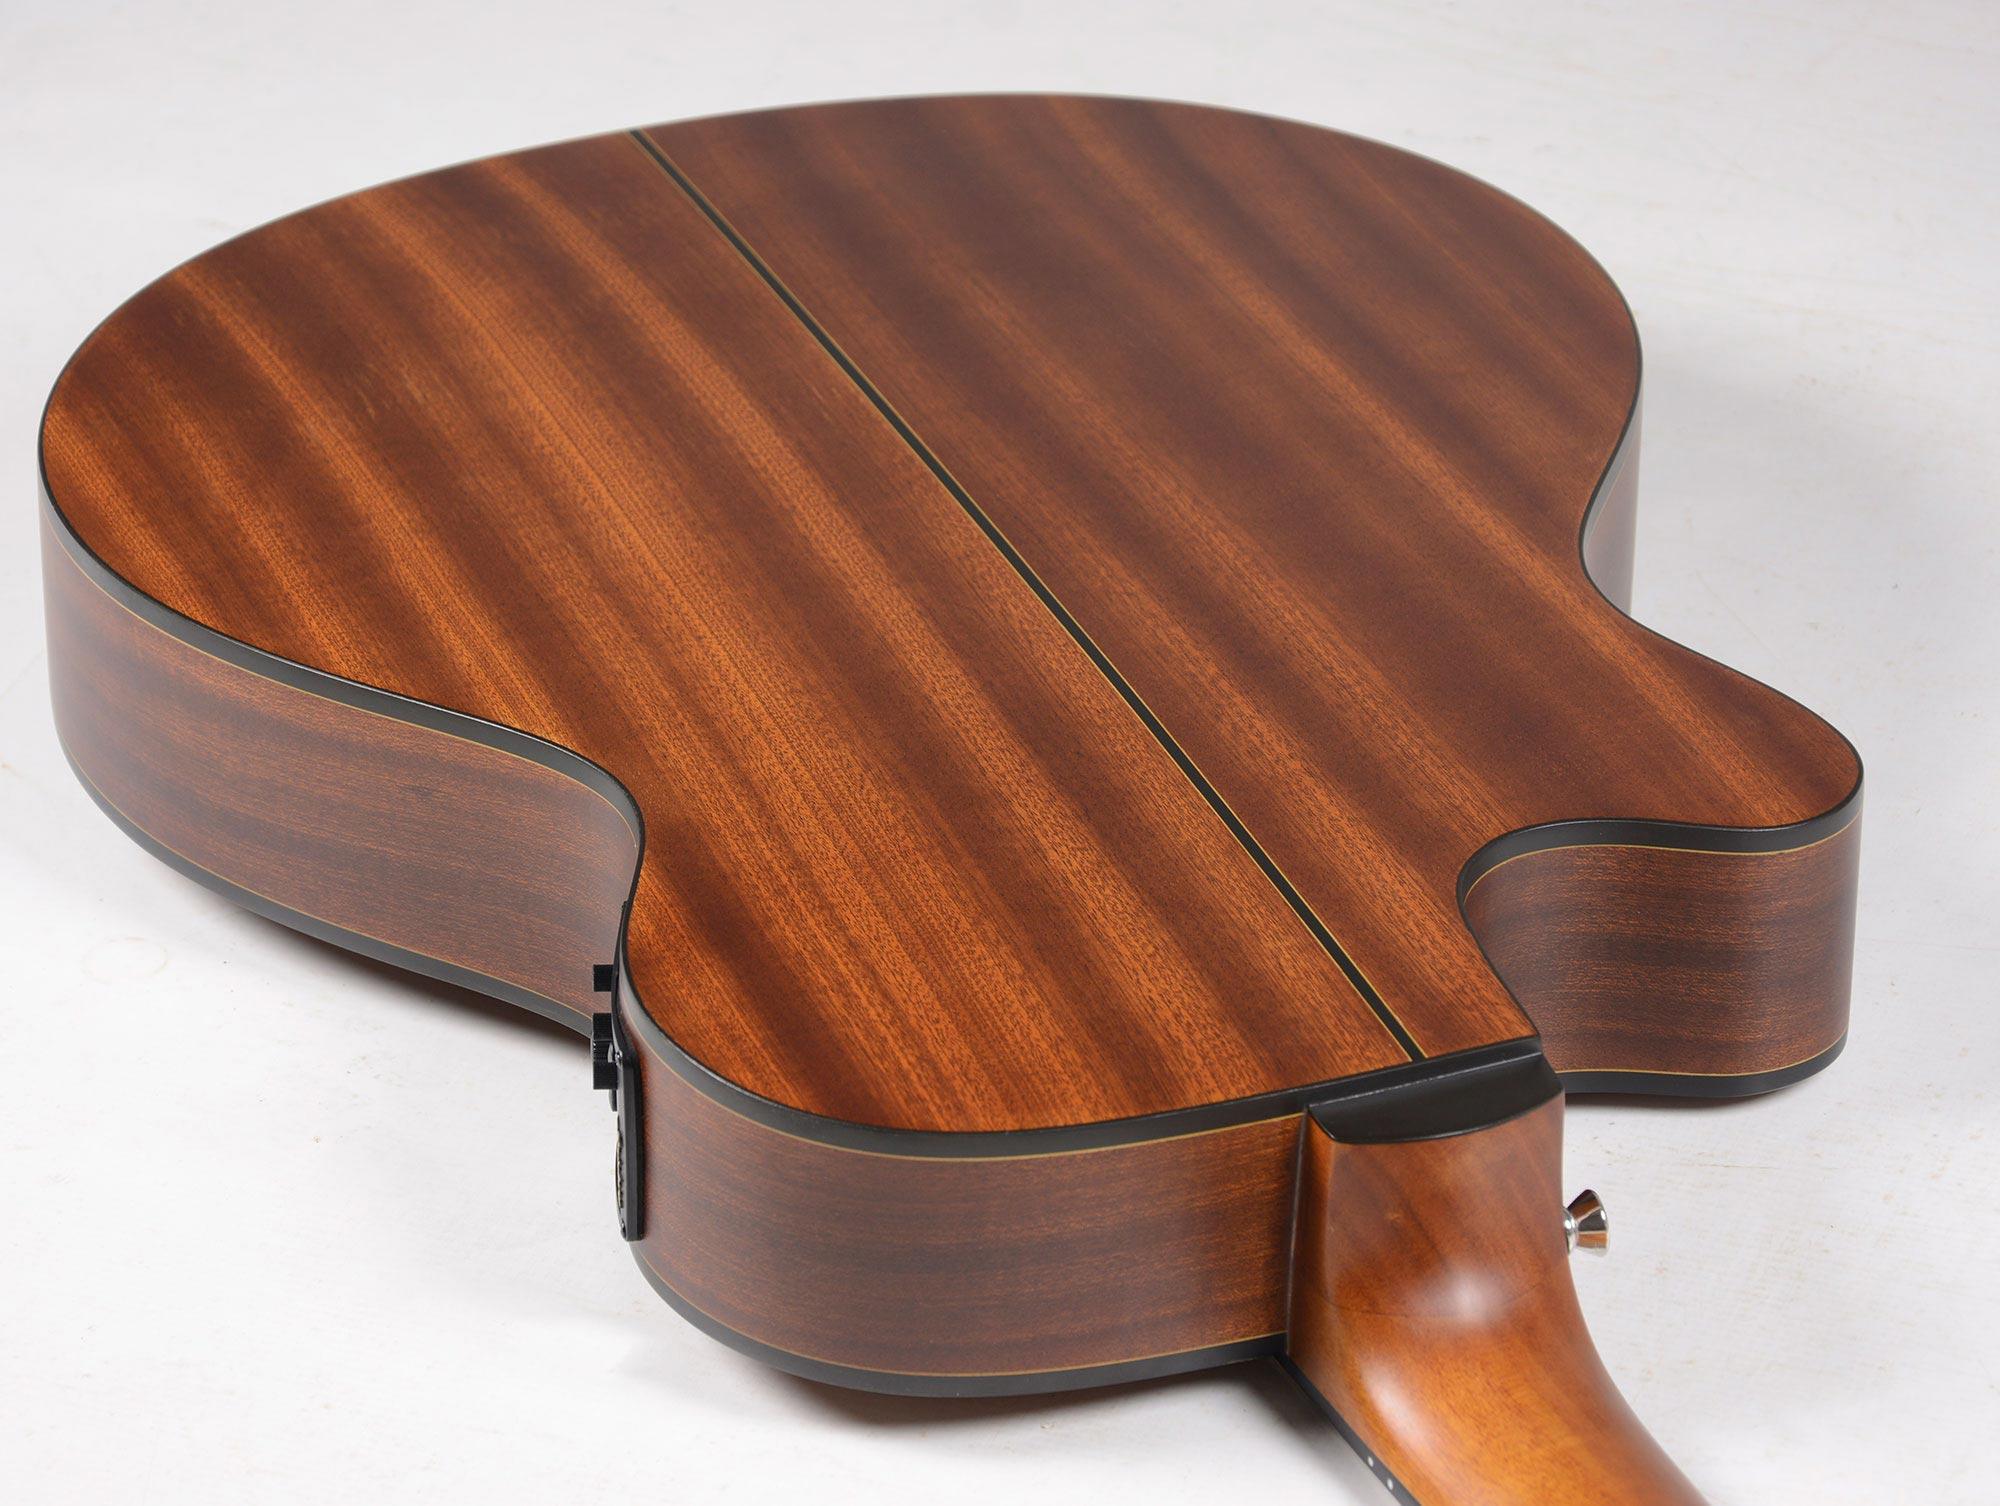 Violão Eletrico Nylon Strinberg SL200C Artístico Super Flat Mahogany Fosco